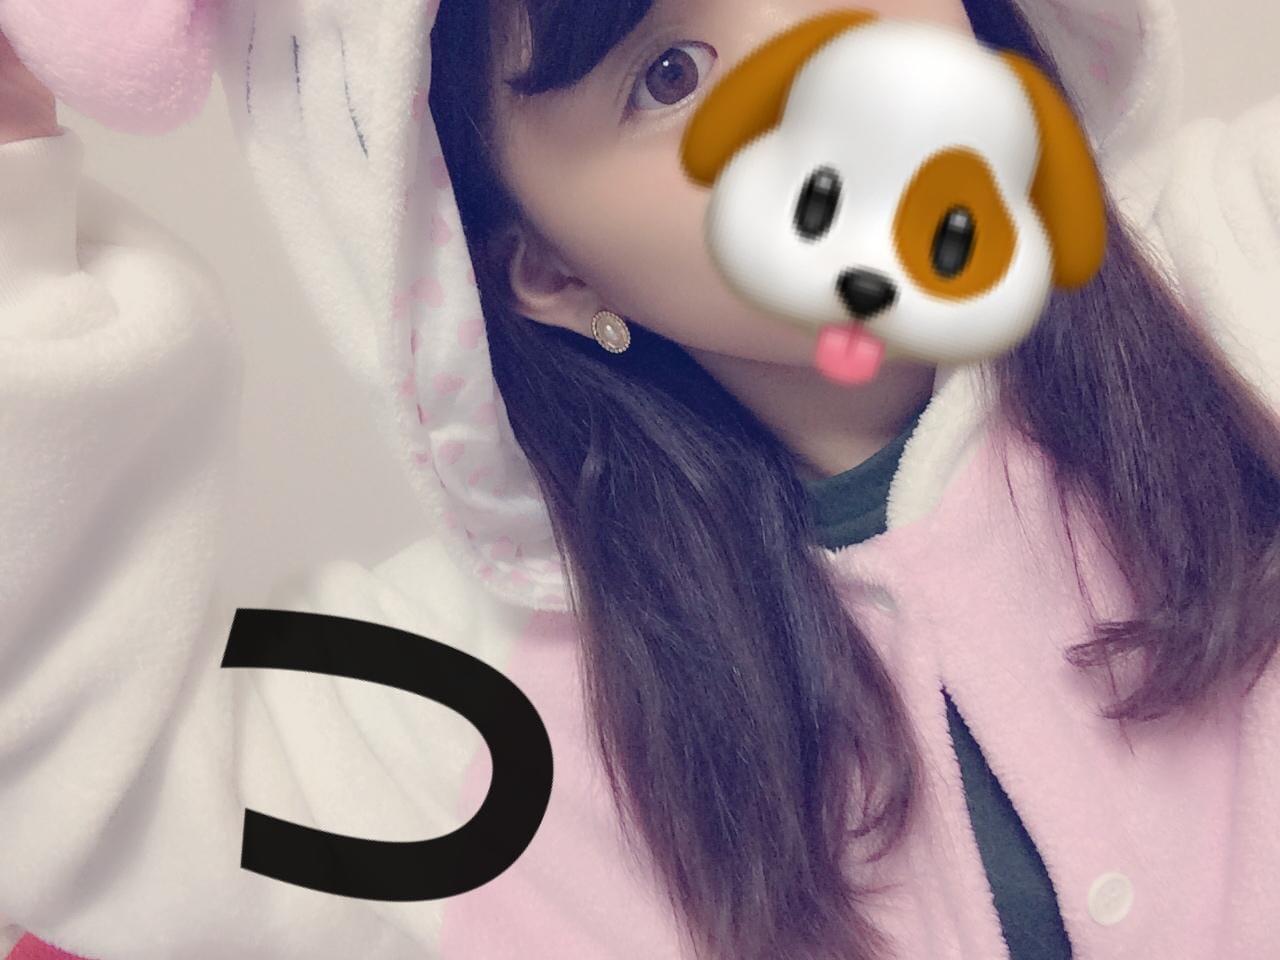 椿「(′・ω・`)」10/14(月) 00:04   椿の写メ・風俗動画